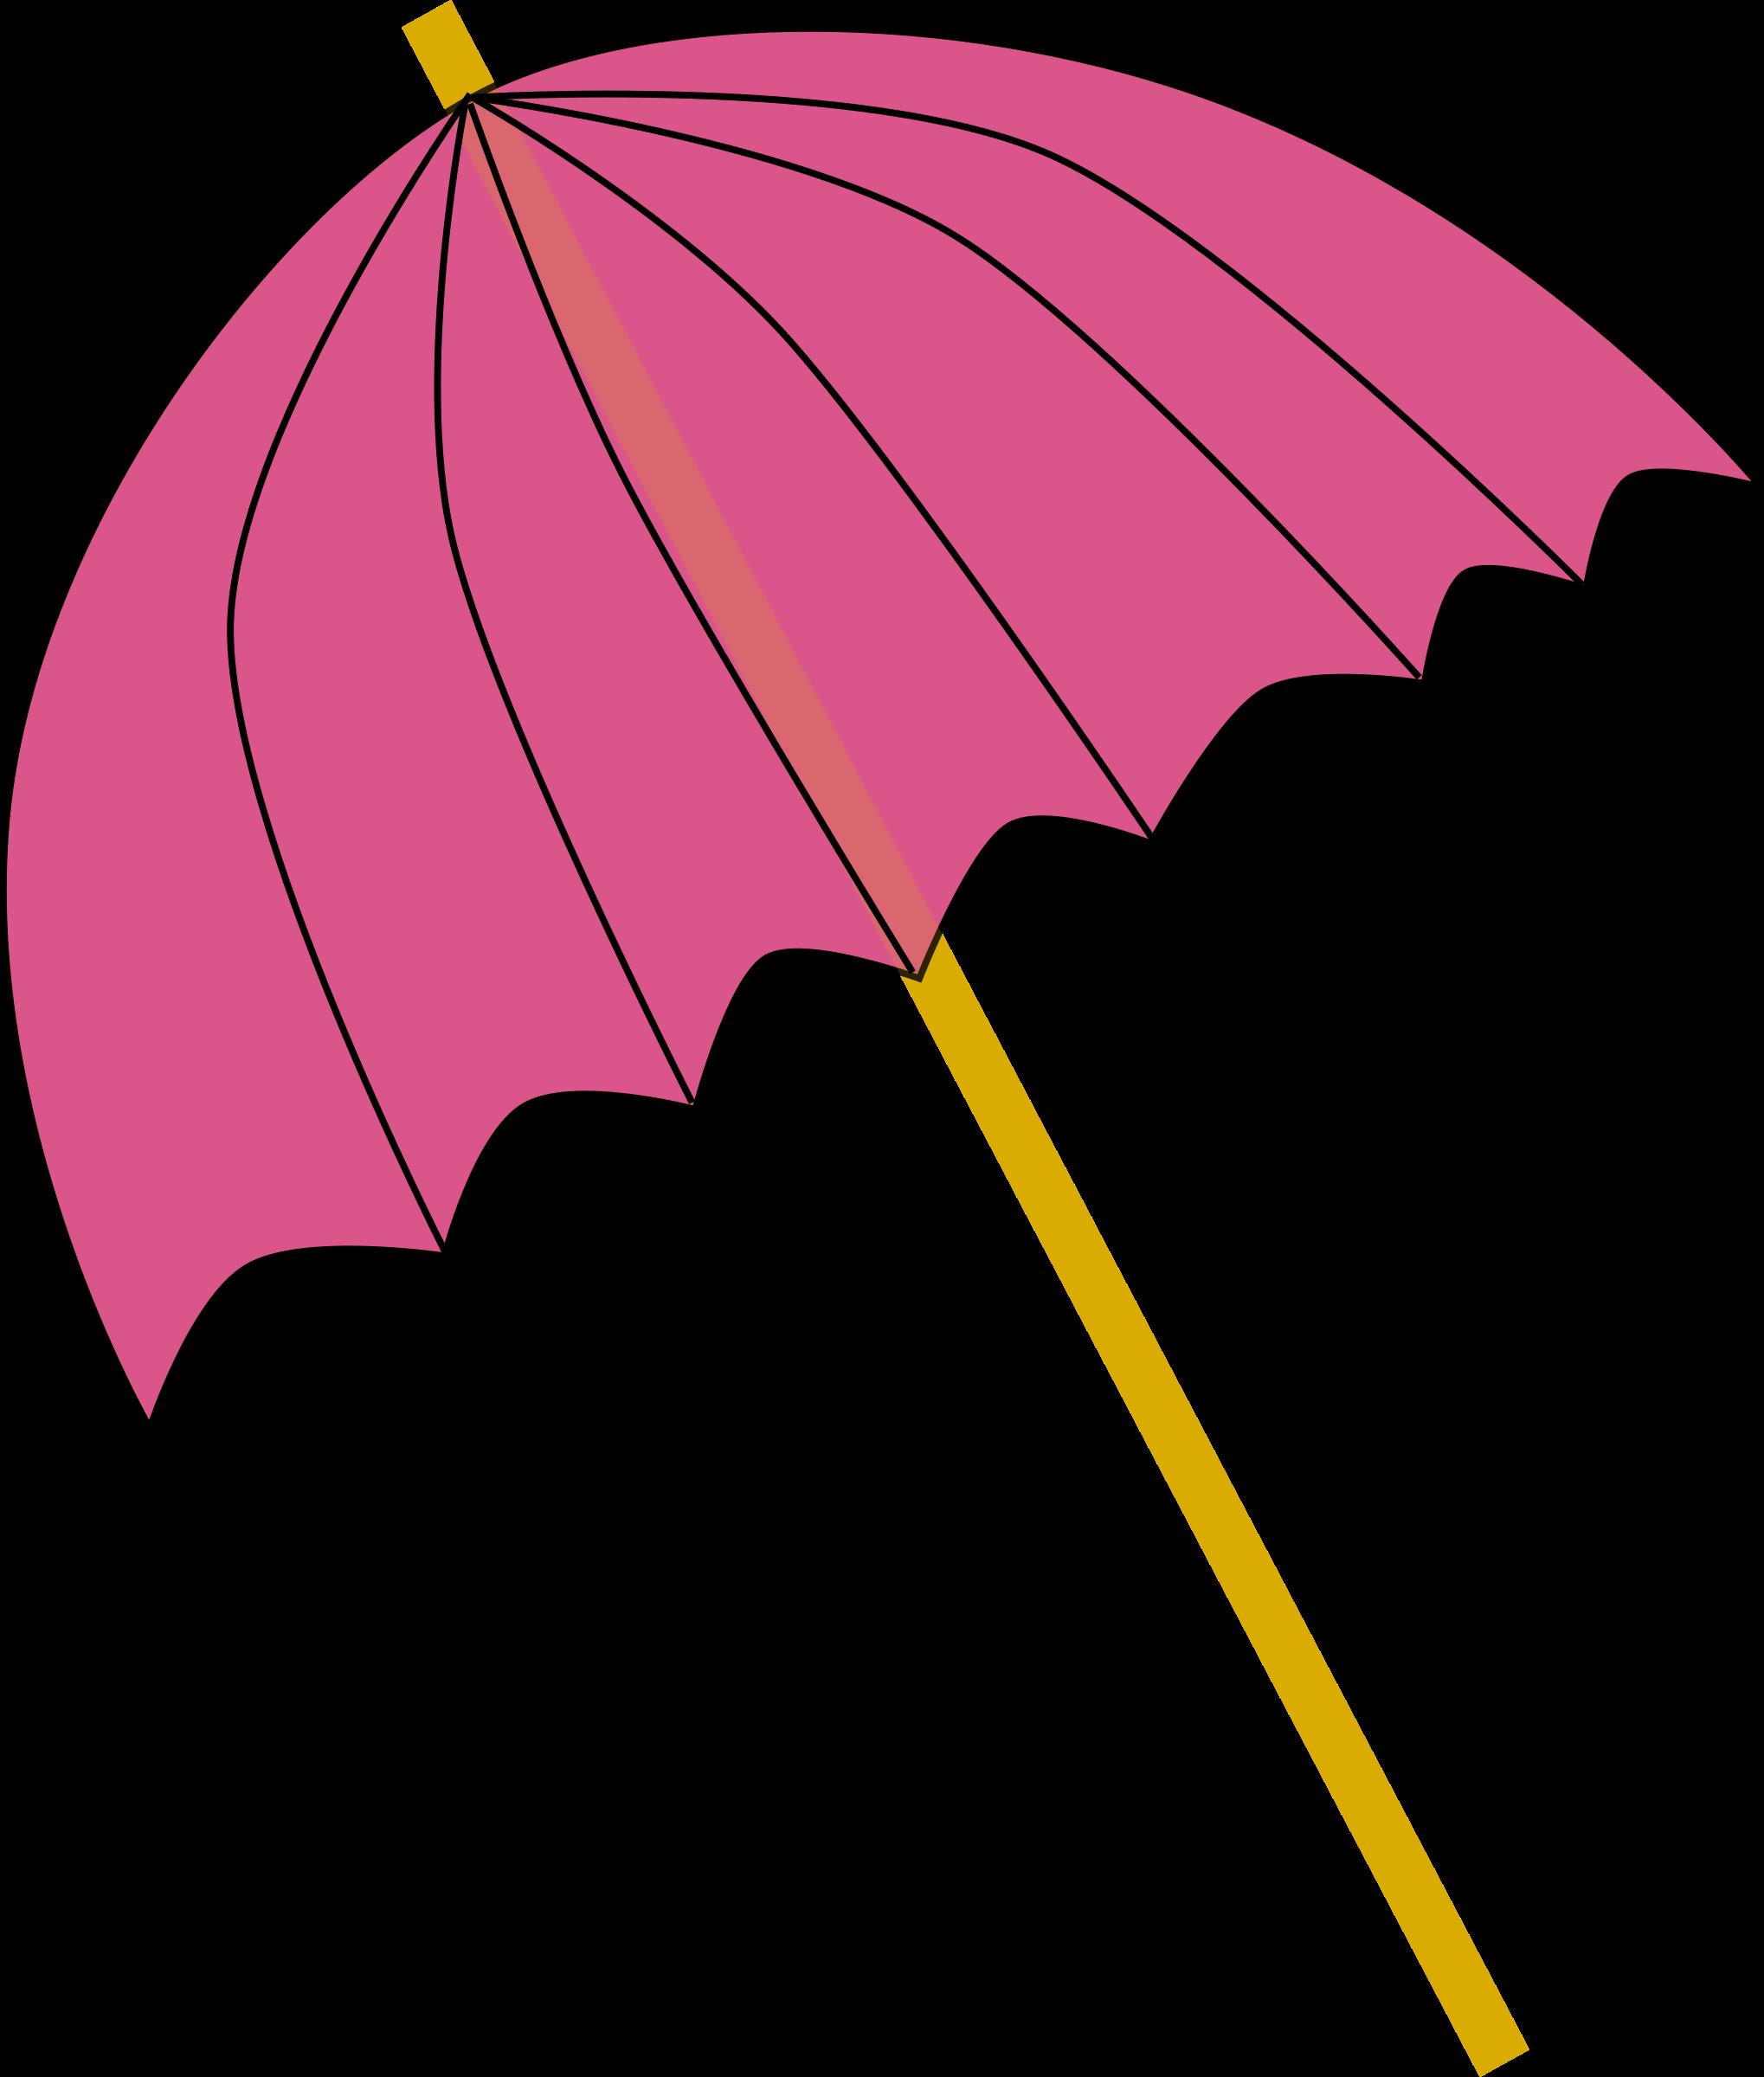 Wet clipart wet umbrella. Parasol pink tranparent big